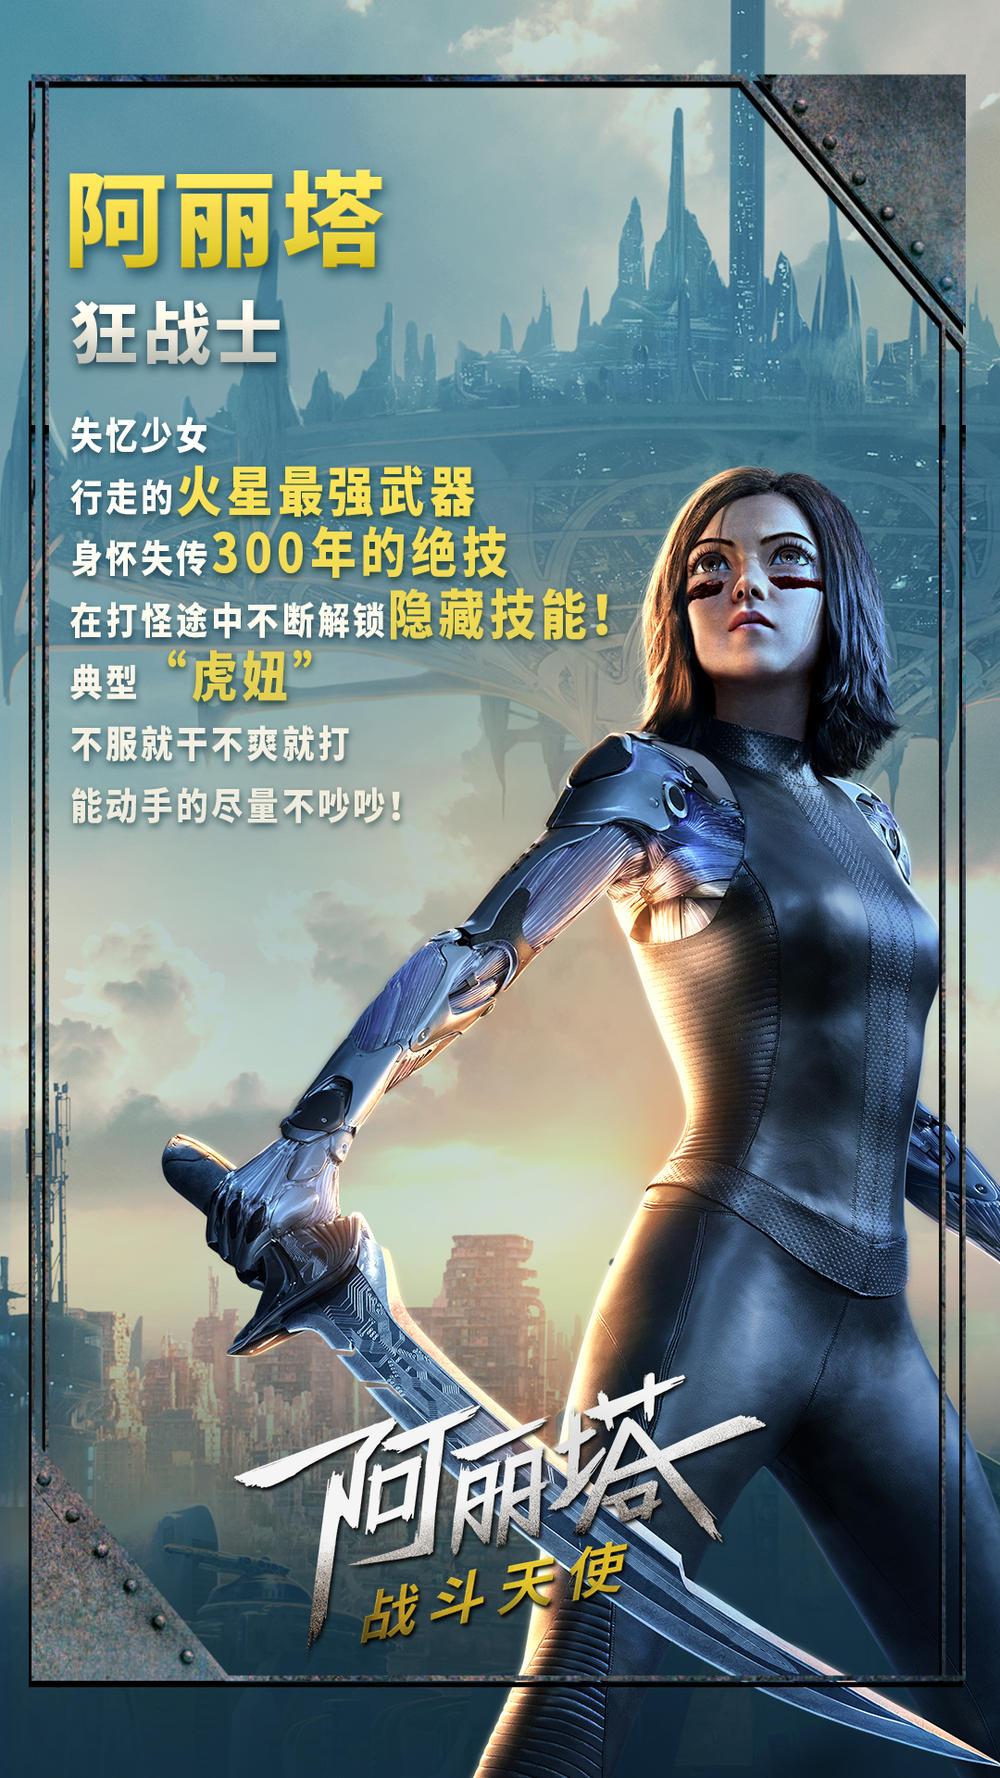 卡梅隆《阿丽塔》角色海报曝光 阿丽塔惊艳亮相